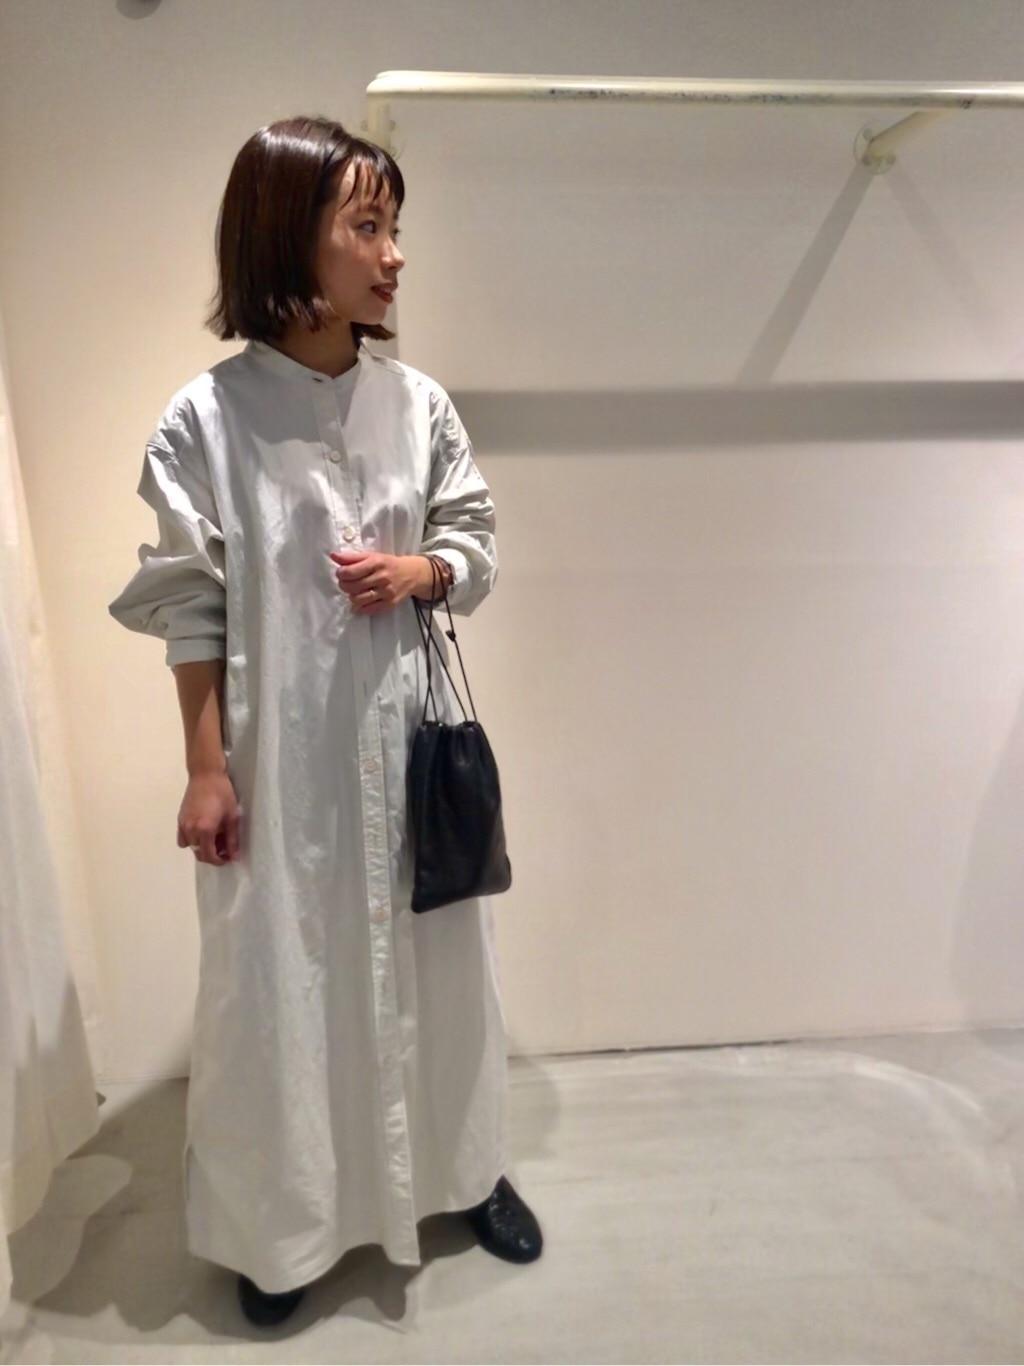 l'atelier du savon 代官山路面 身長:150cm 2020.02.20